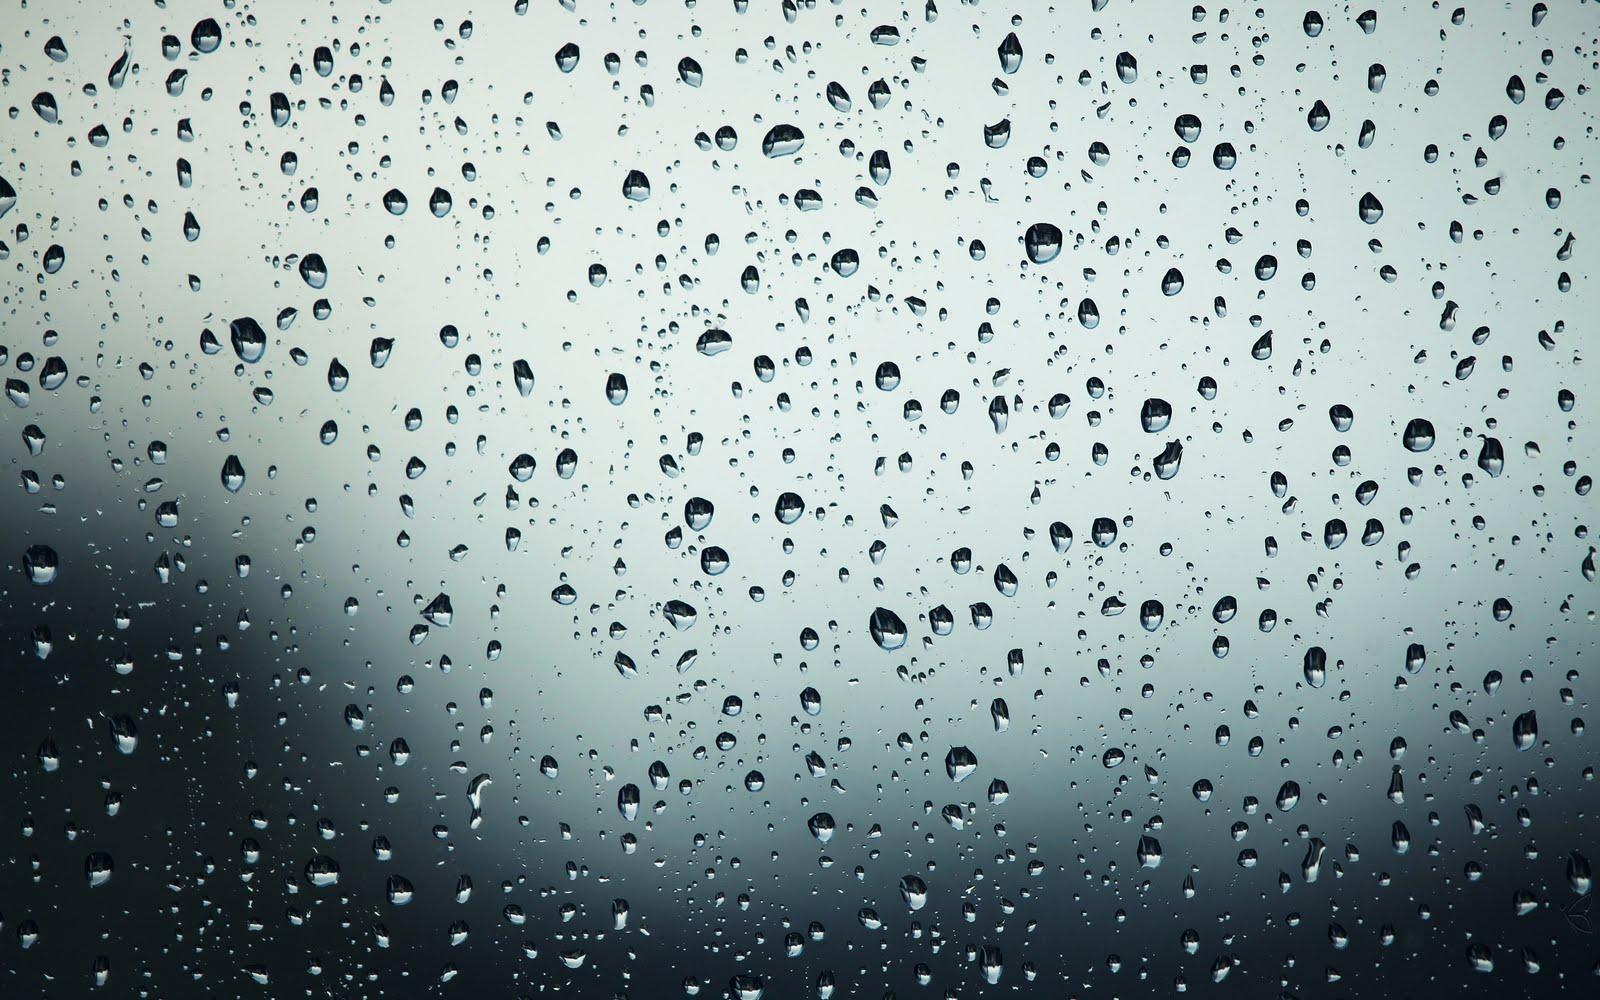 wallpaper rain wallpapers hd rain wallpapers for desktop rain 1600x1000